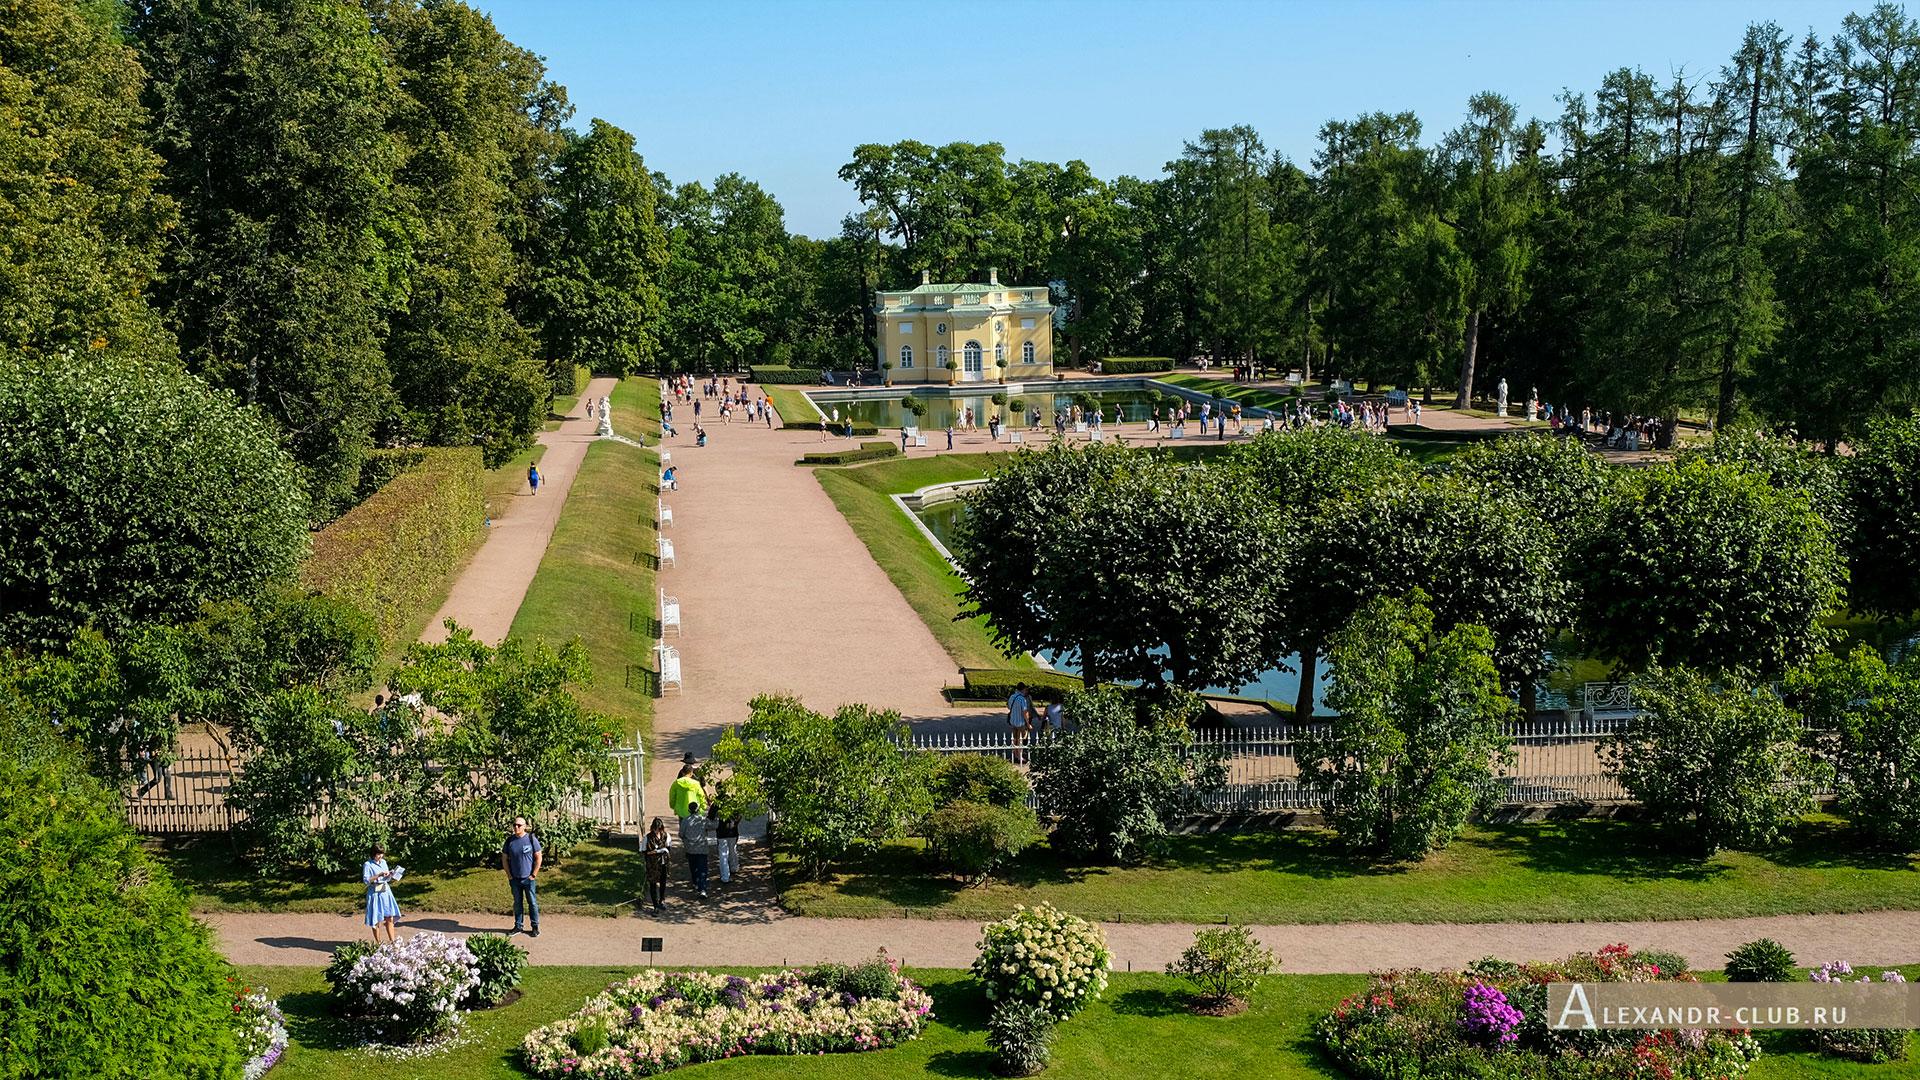 Царское Село, лето, Екатерининский парк, павильон «Верхняя ванна»